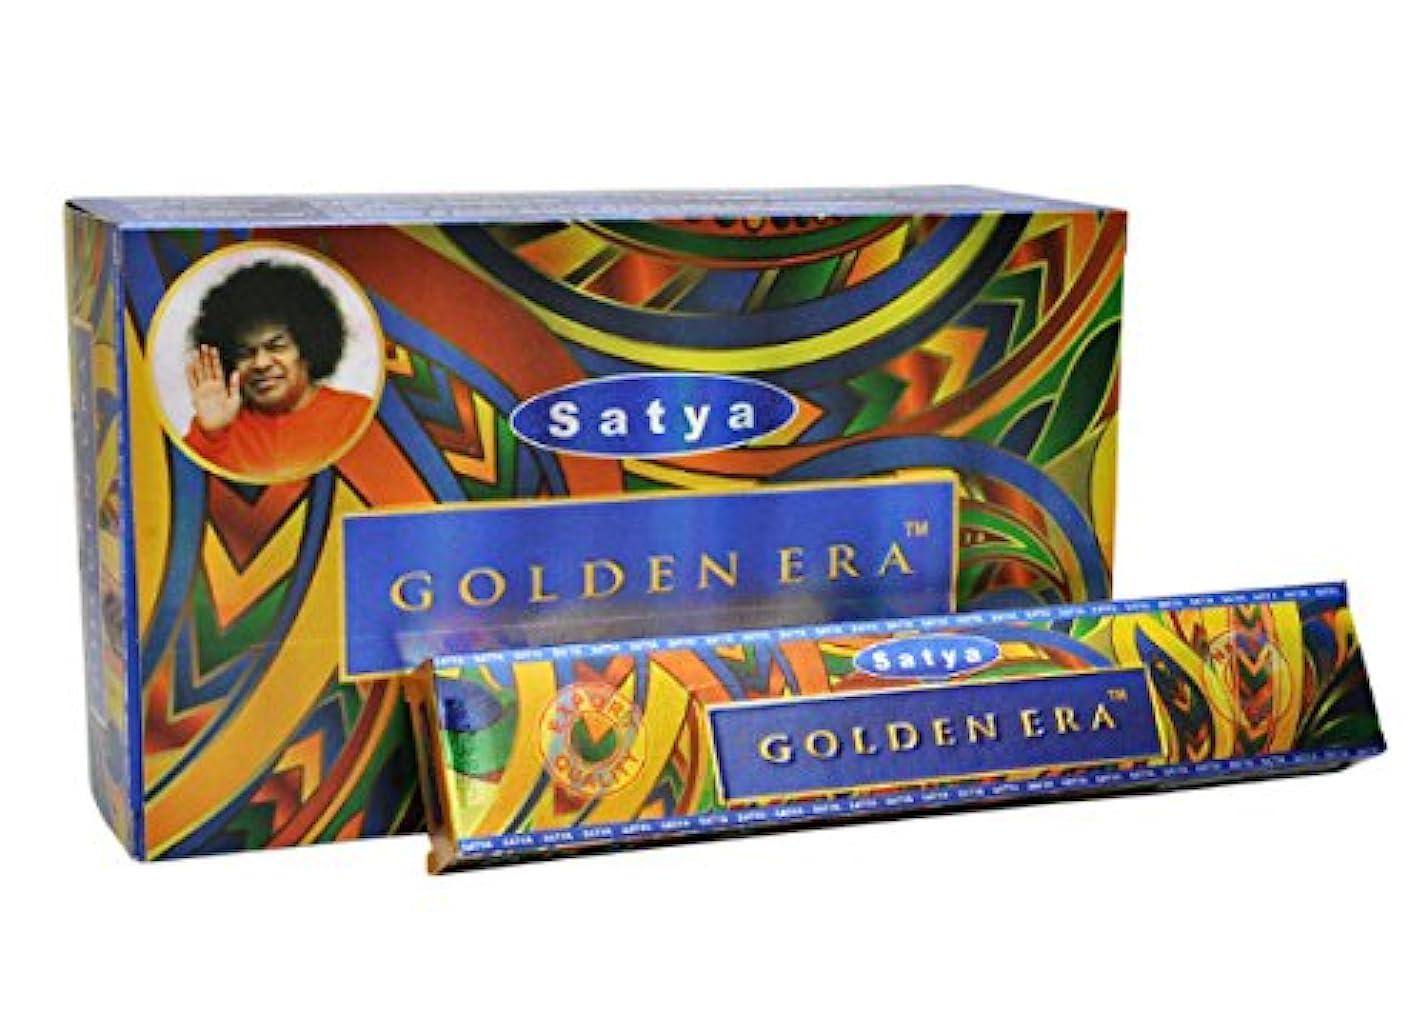 粒反響する出演者Satya Golden Era Incense Sticks 15グラムパック、12カウントin aボックス